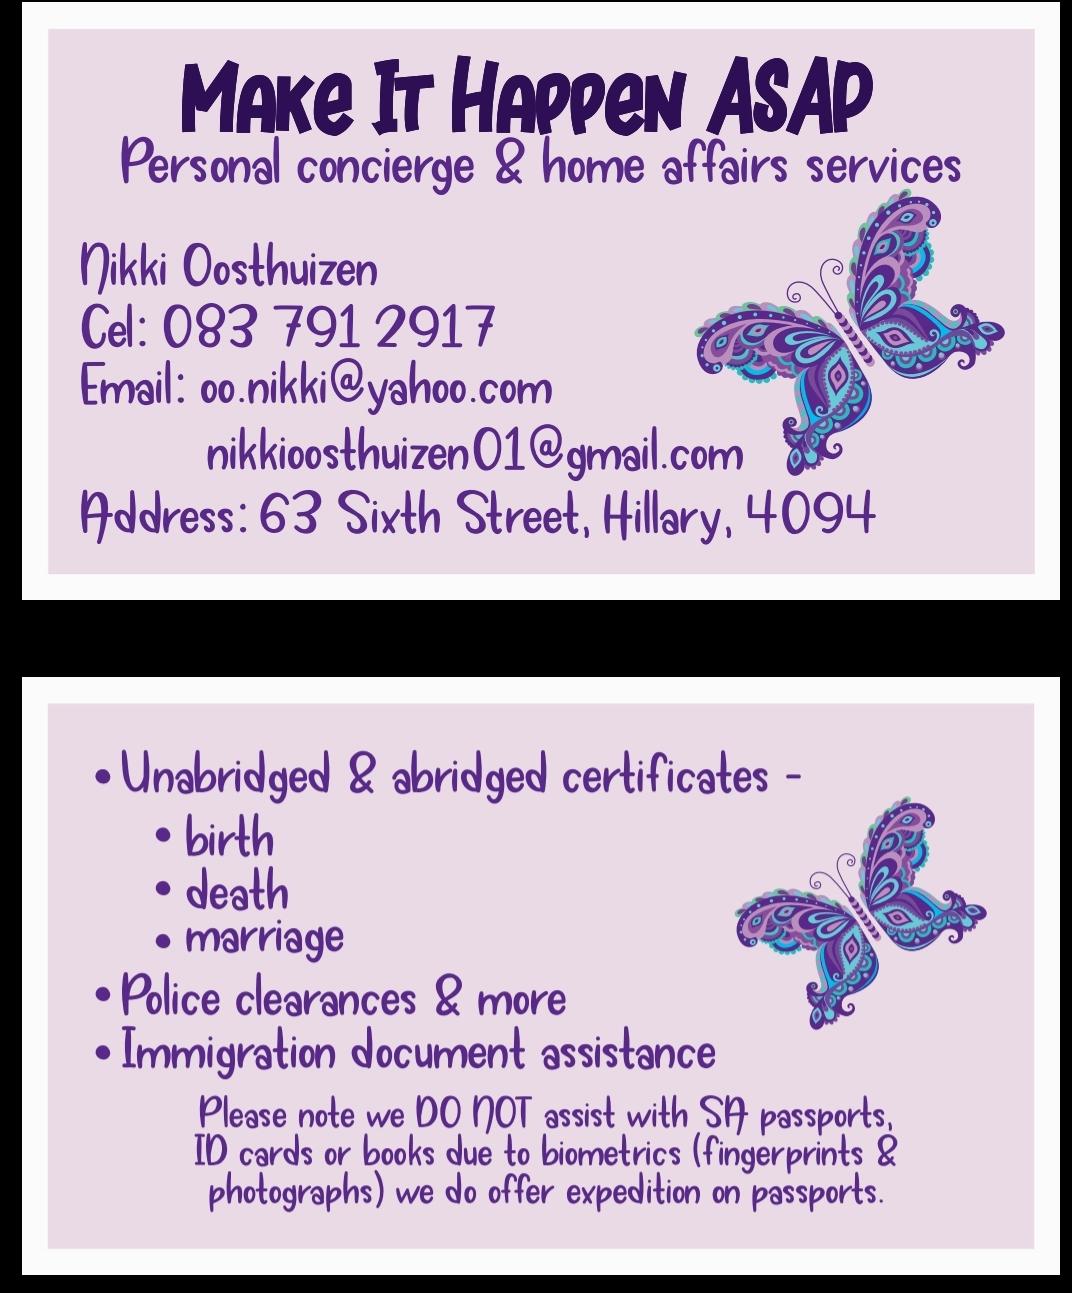 Home affairs concierge services